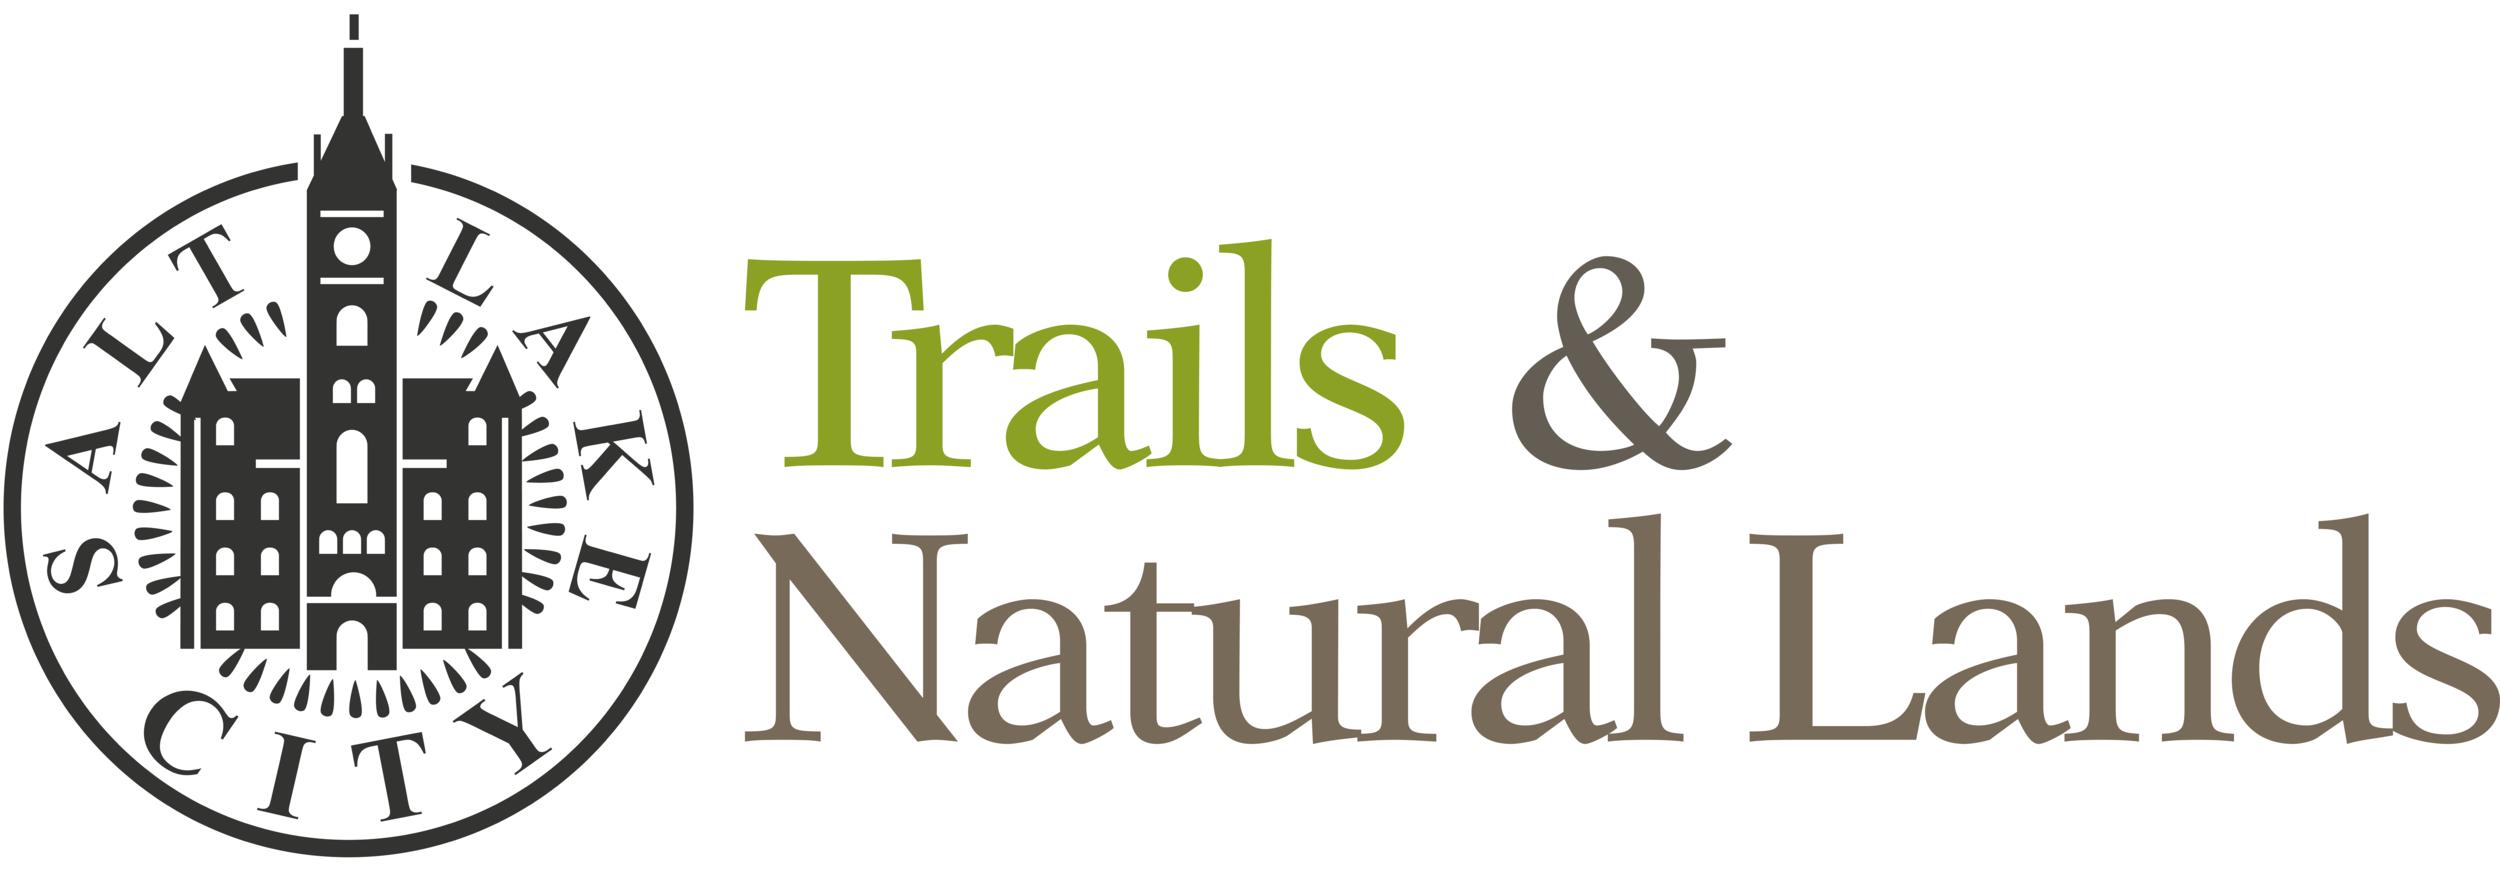 Trails & Natural Lands - Salt Lake City - Long format White.png